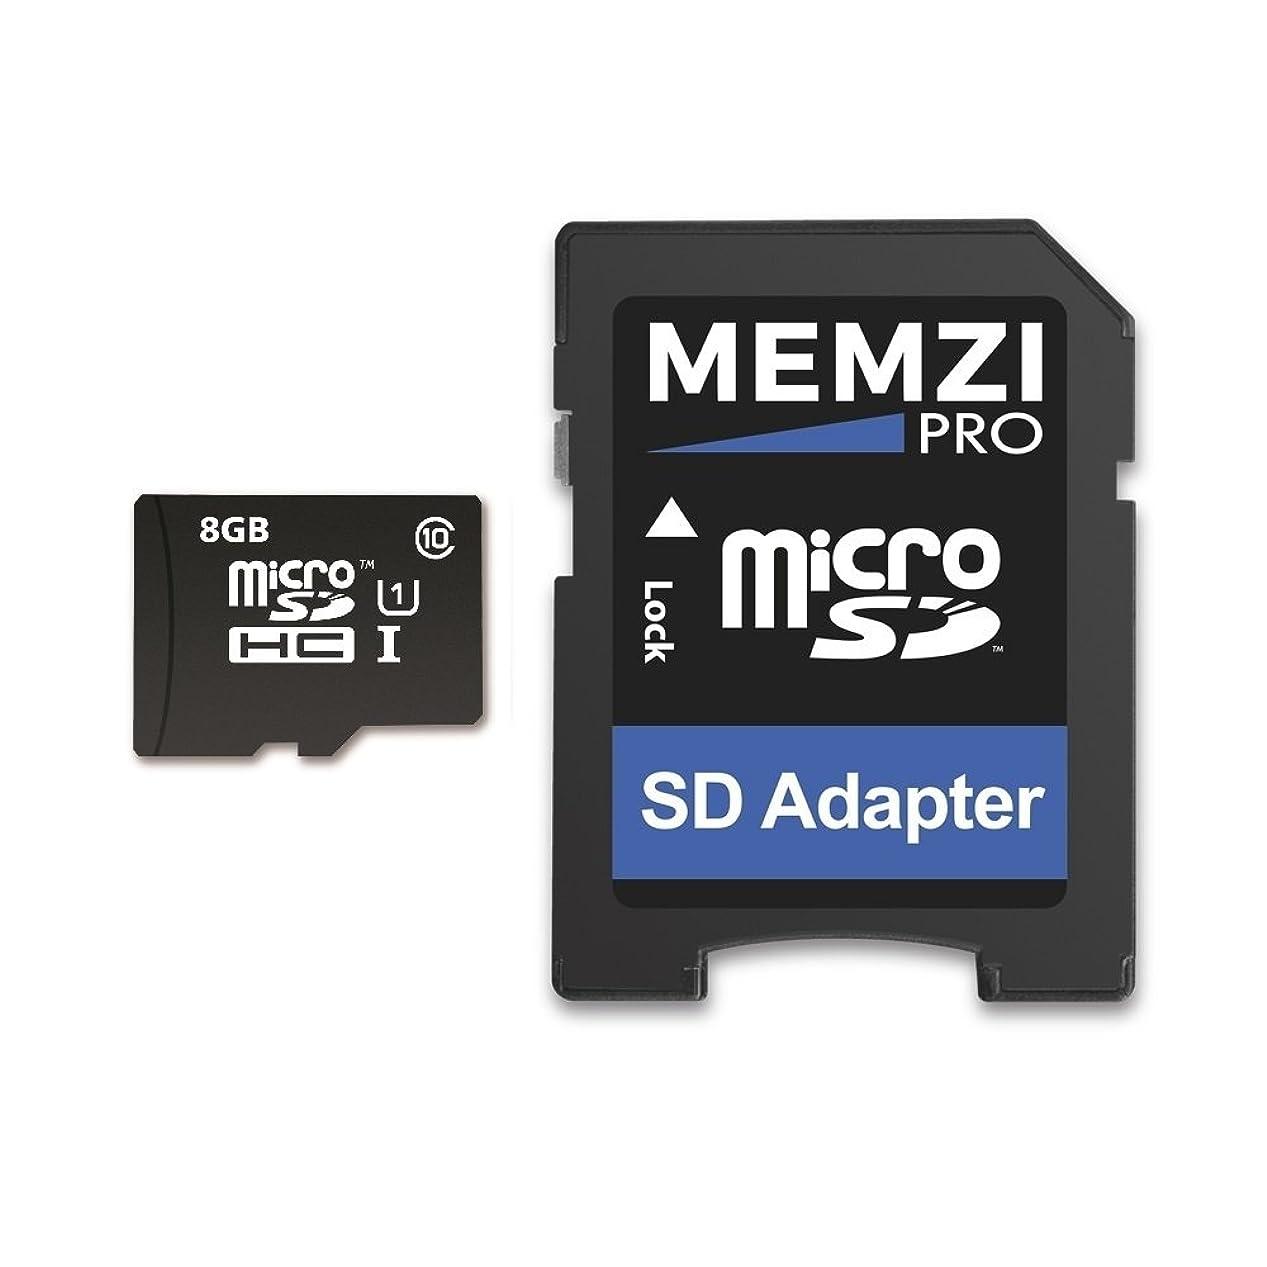 潮叱る確かなMEMZI PRO 8GB Class 10 90MB/s Micro SDHC メモリーカード Alcatel 7 Tetra IdealXTRA Cameox Onyx Verso Pulsemix 携帯電話用 SDアダプター付き